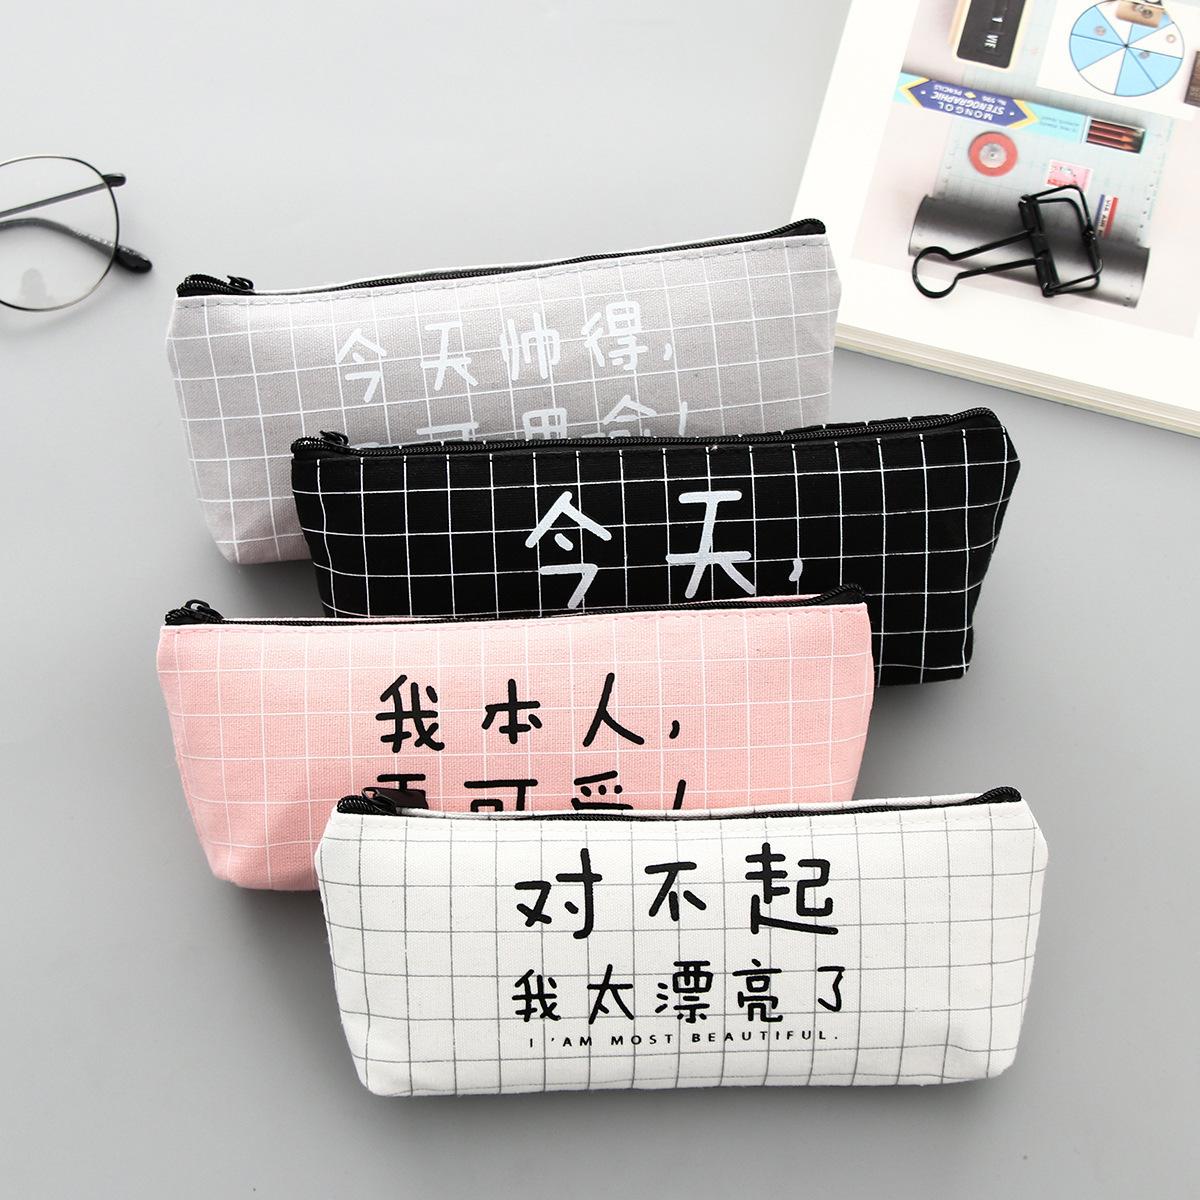 韩国简约创意 宫个性文字学生笔袋超萌大容量铅笔袋文具盒可定制-